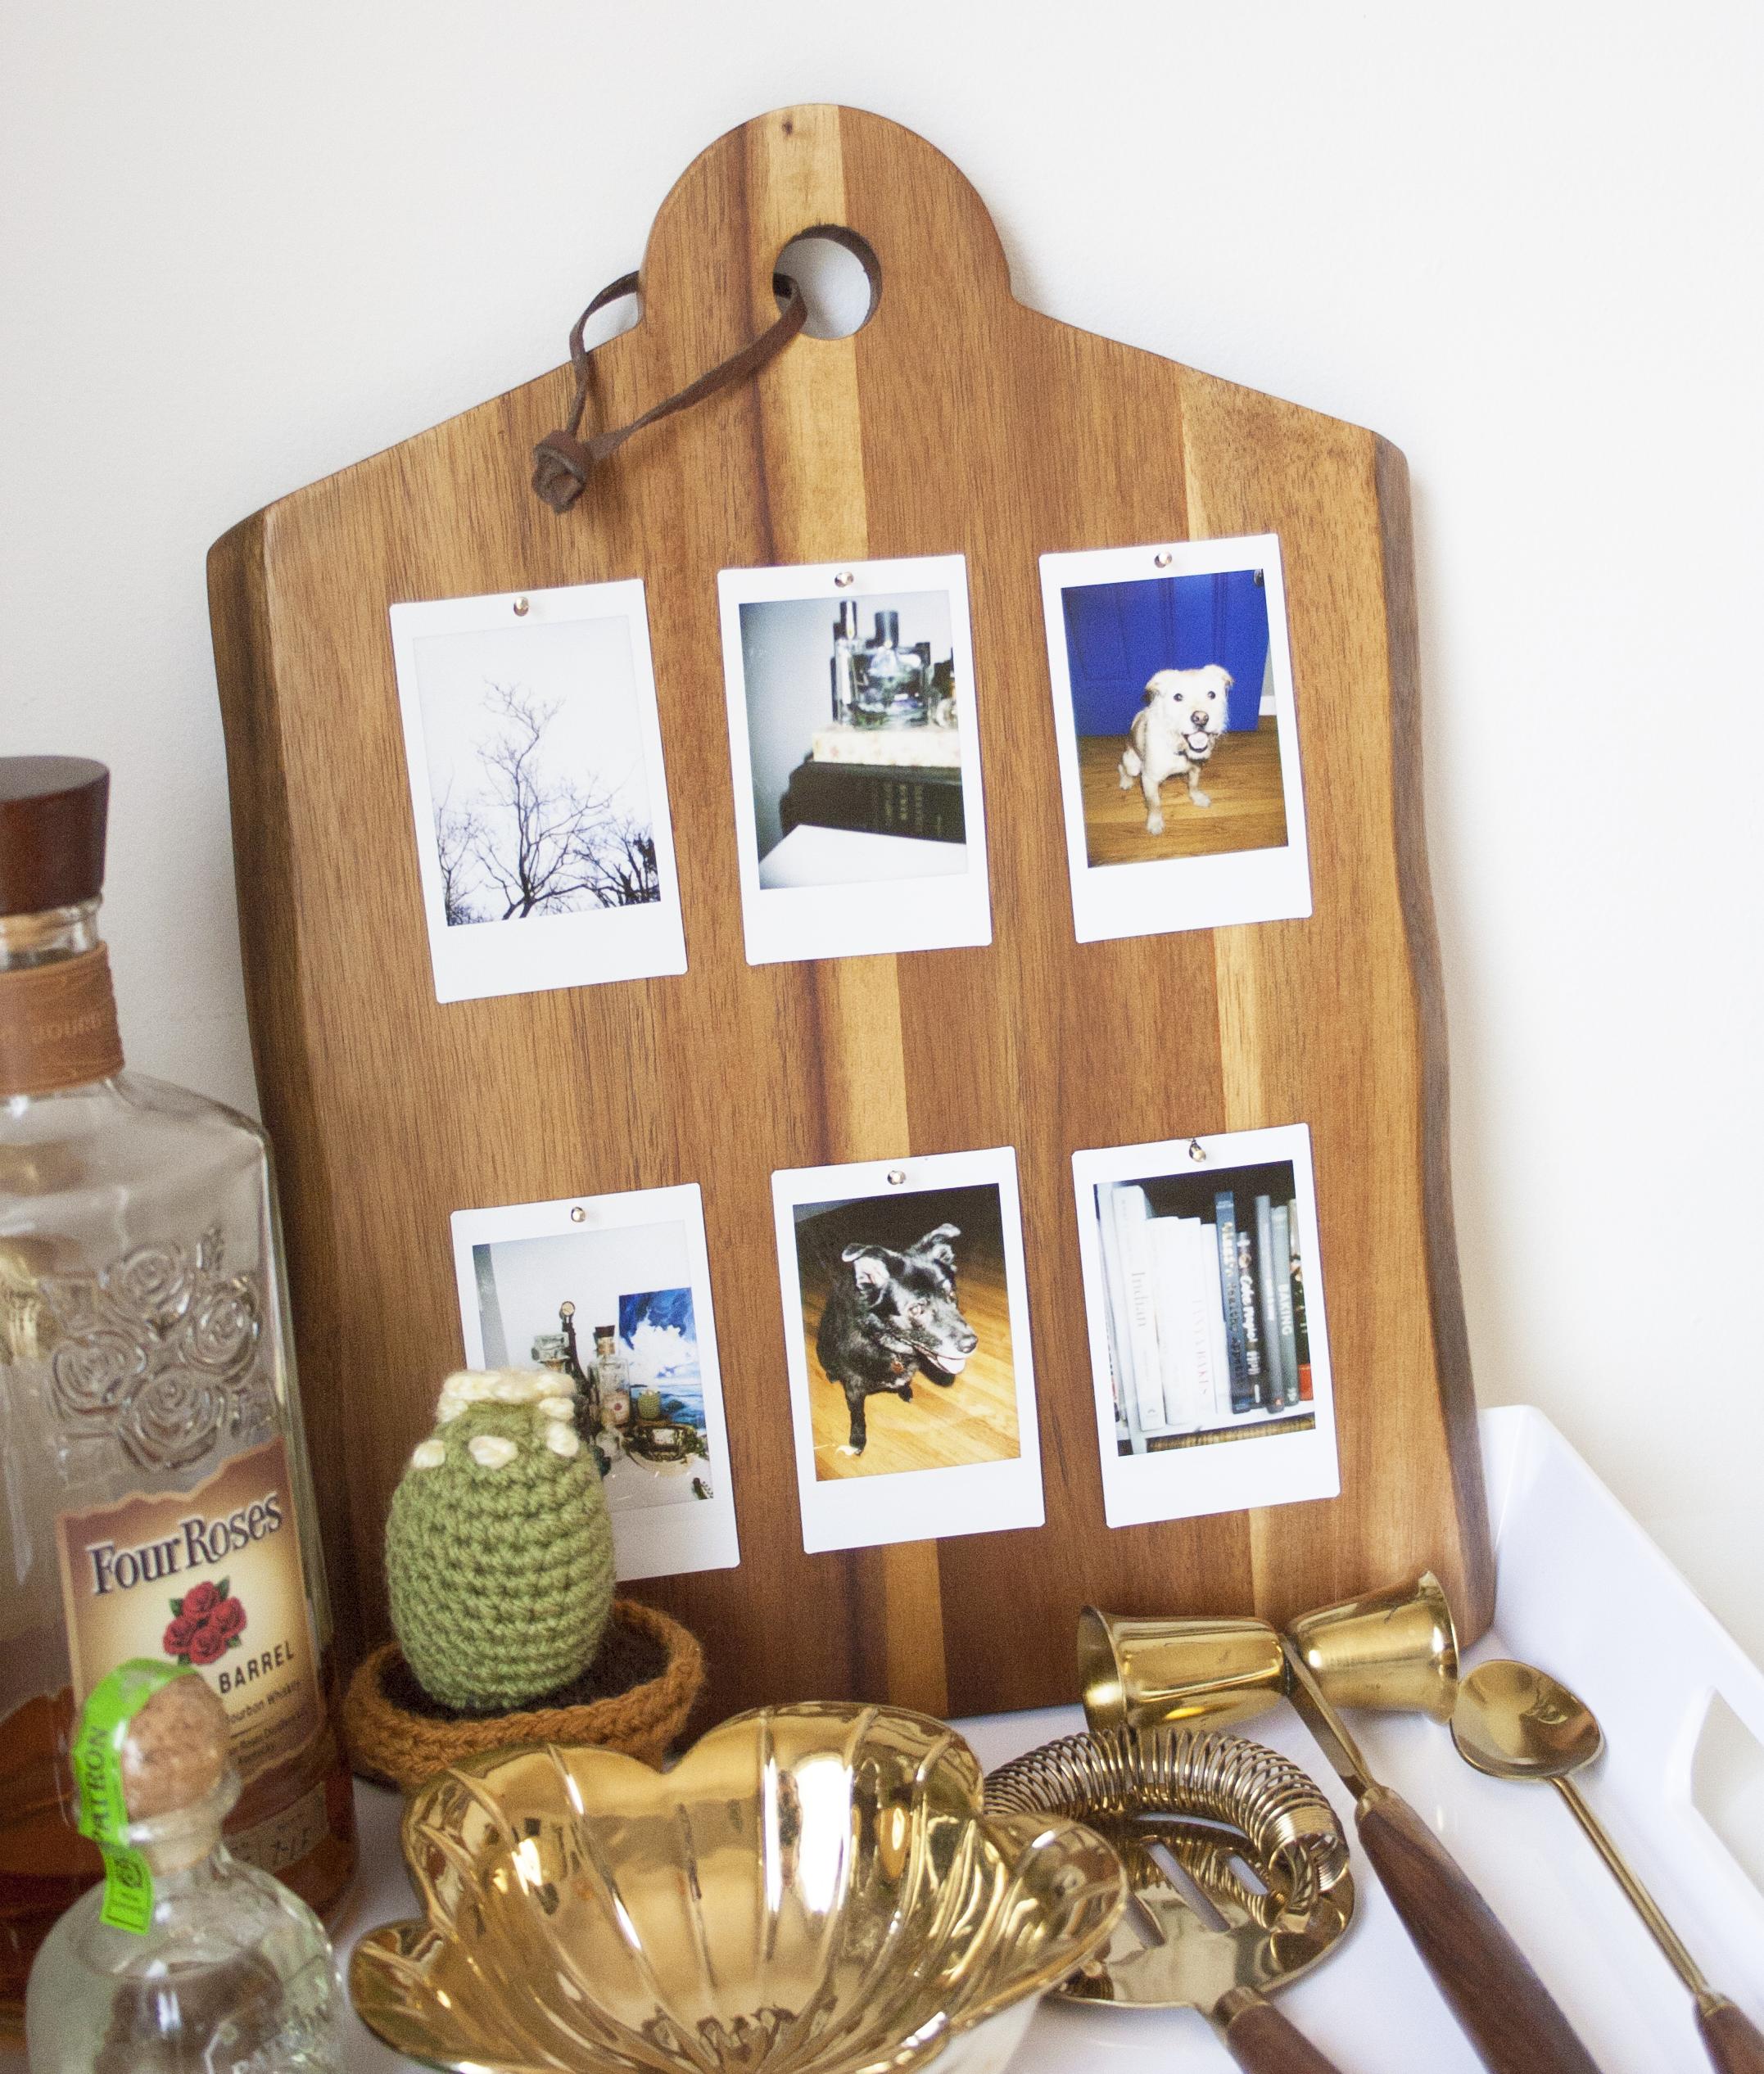 DIY Instax Photo Display | Sarah Makes Stuff